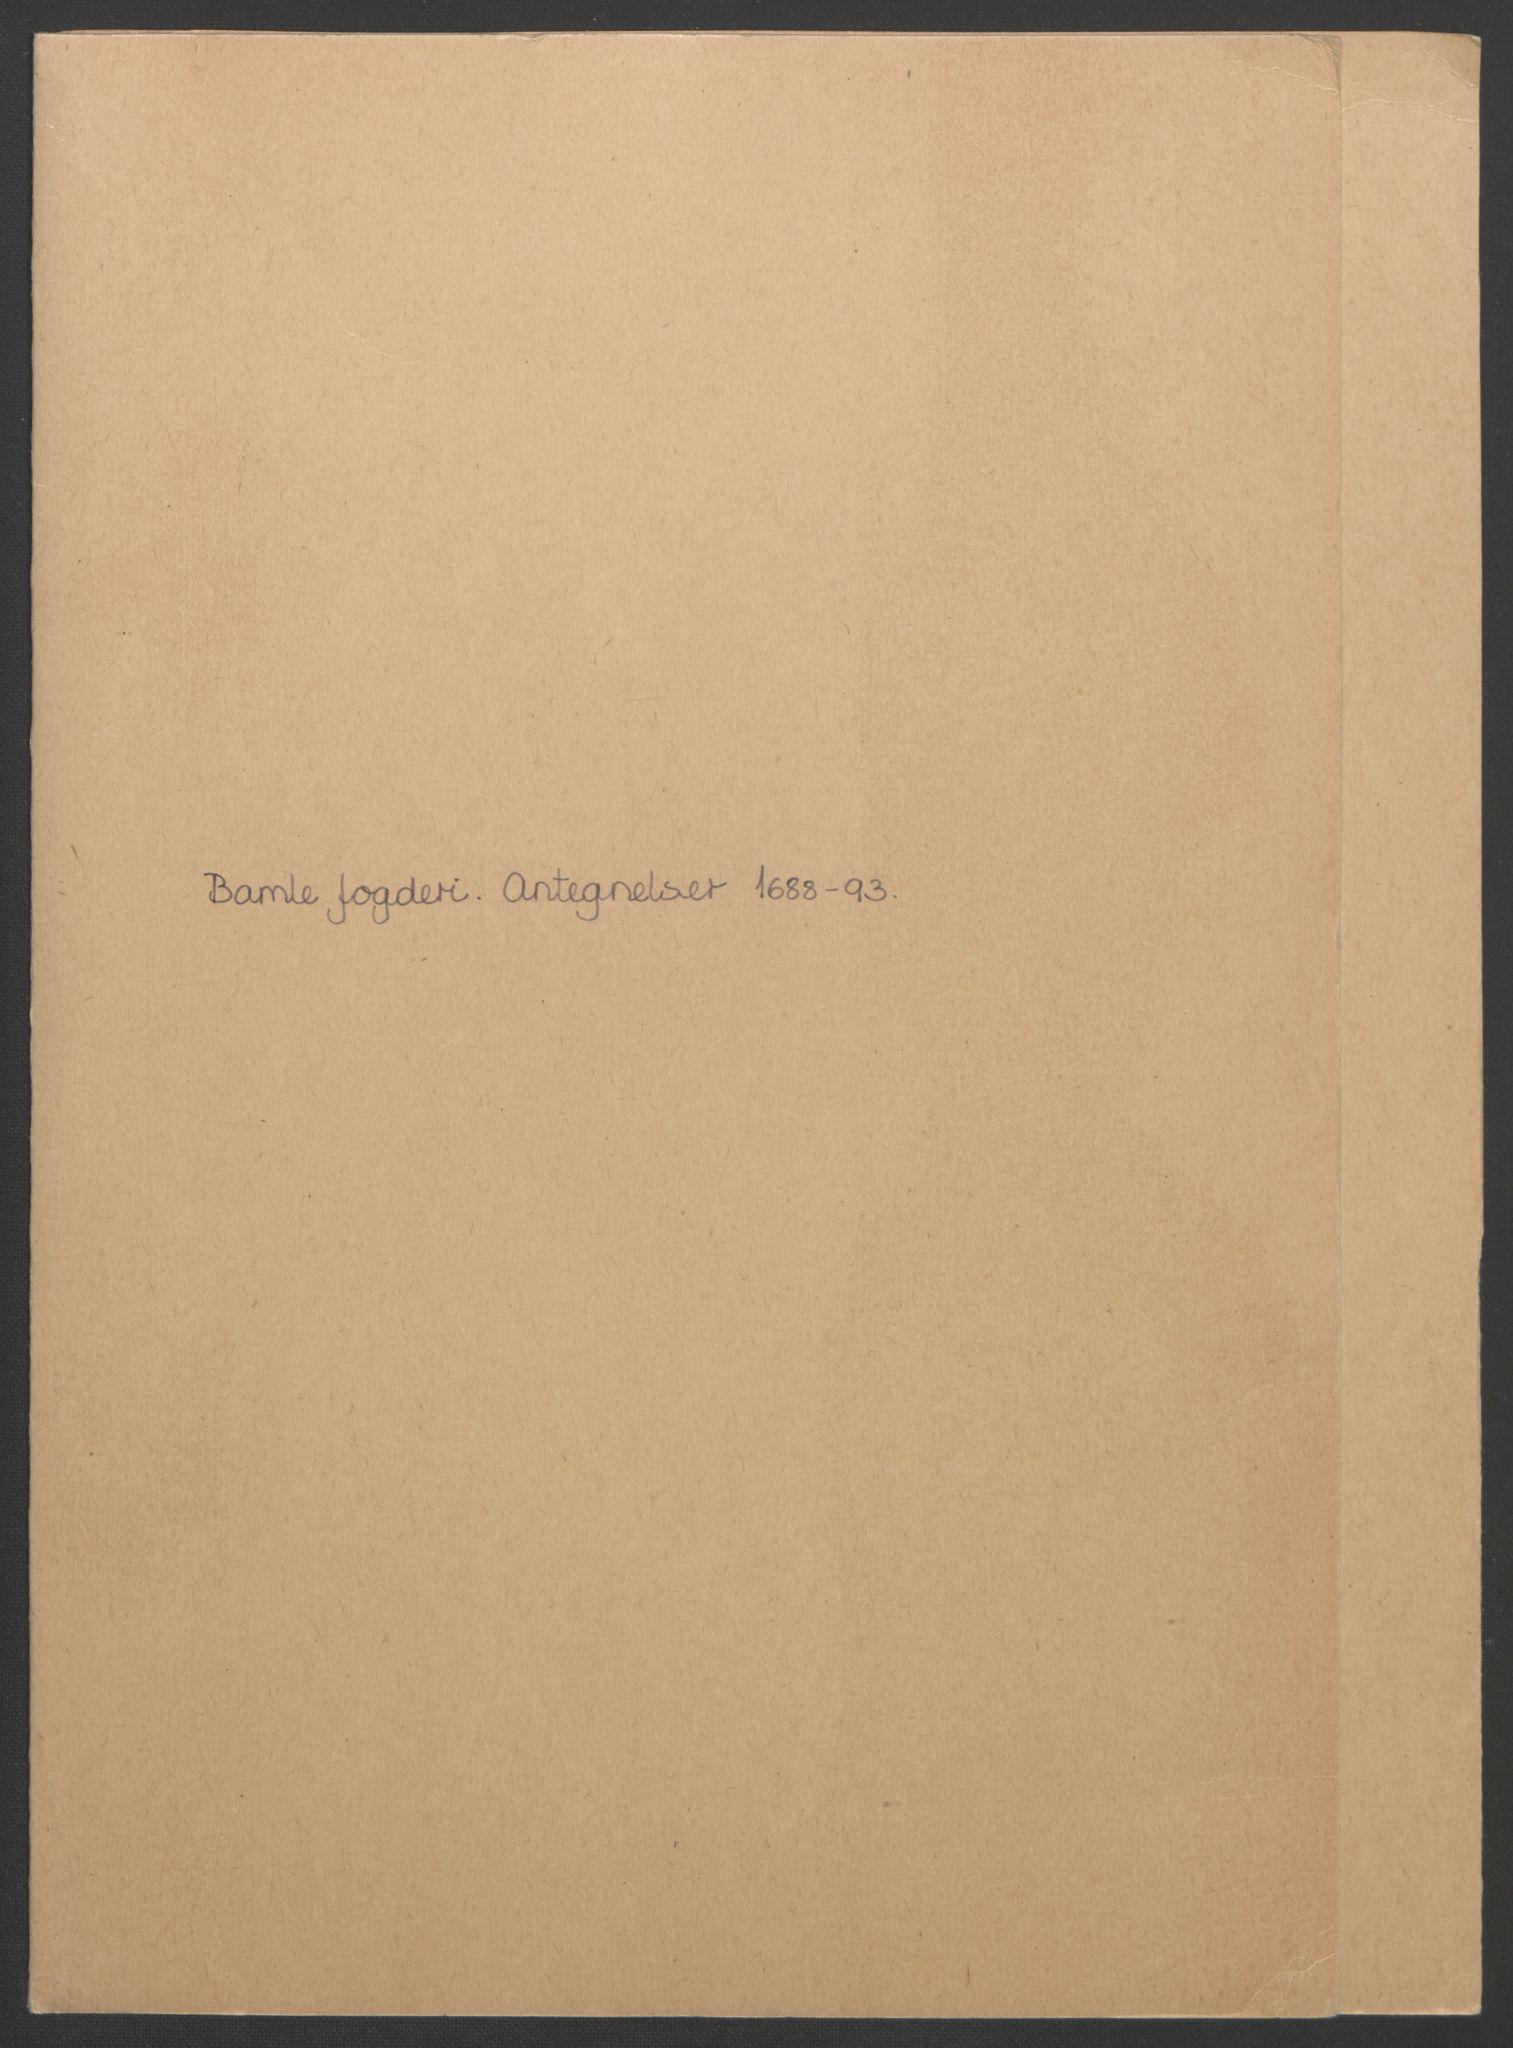 RA, Rentekammeret inntil 1814, Reviderte regnskaper, Fogderegnskap, R34/L2053: Fogderegnskap Bamble, 1693, s. 2